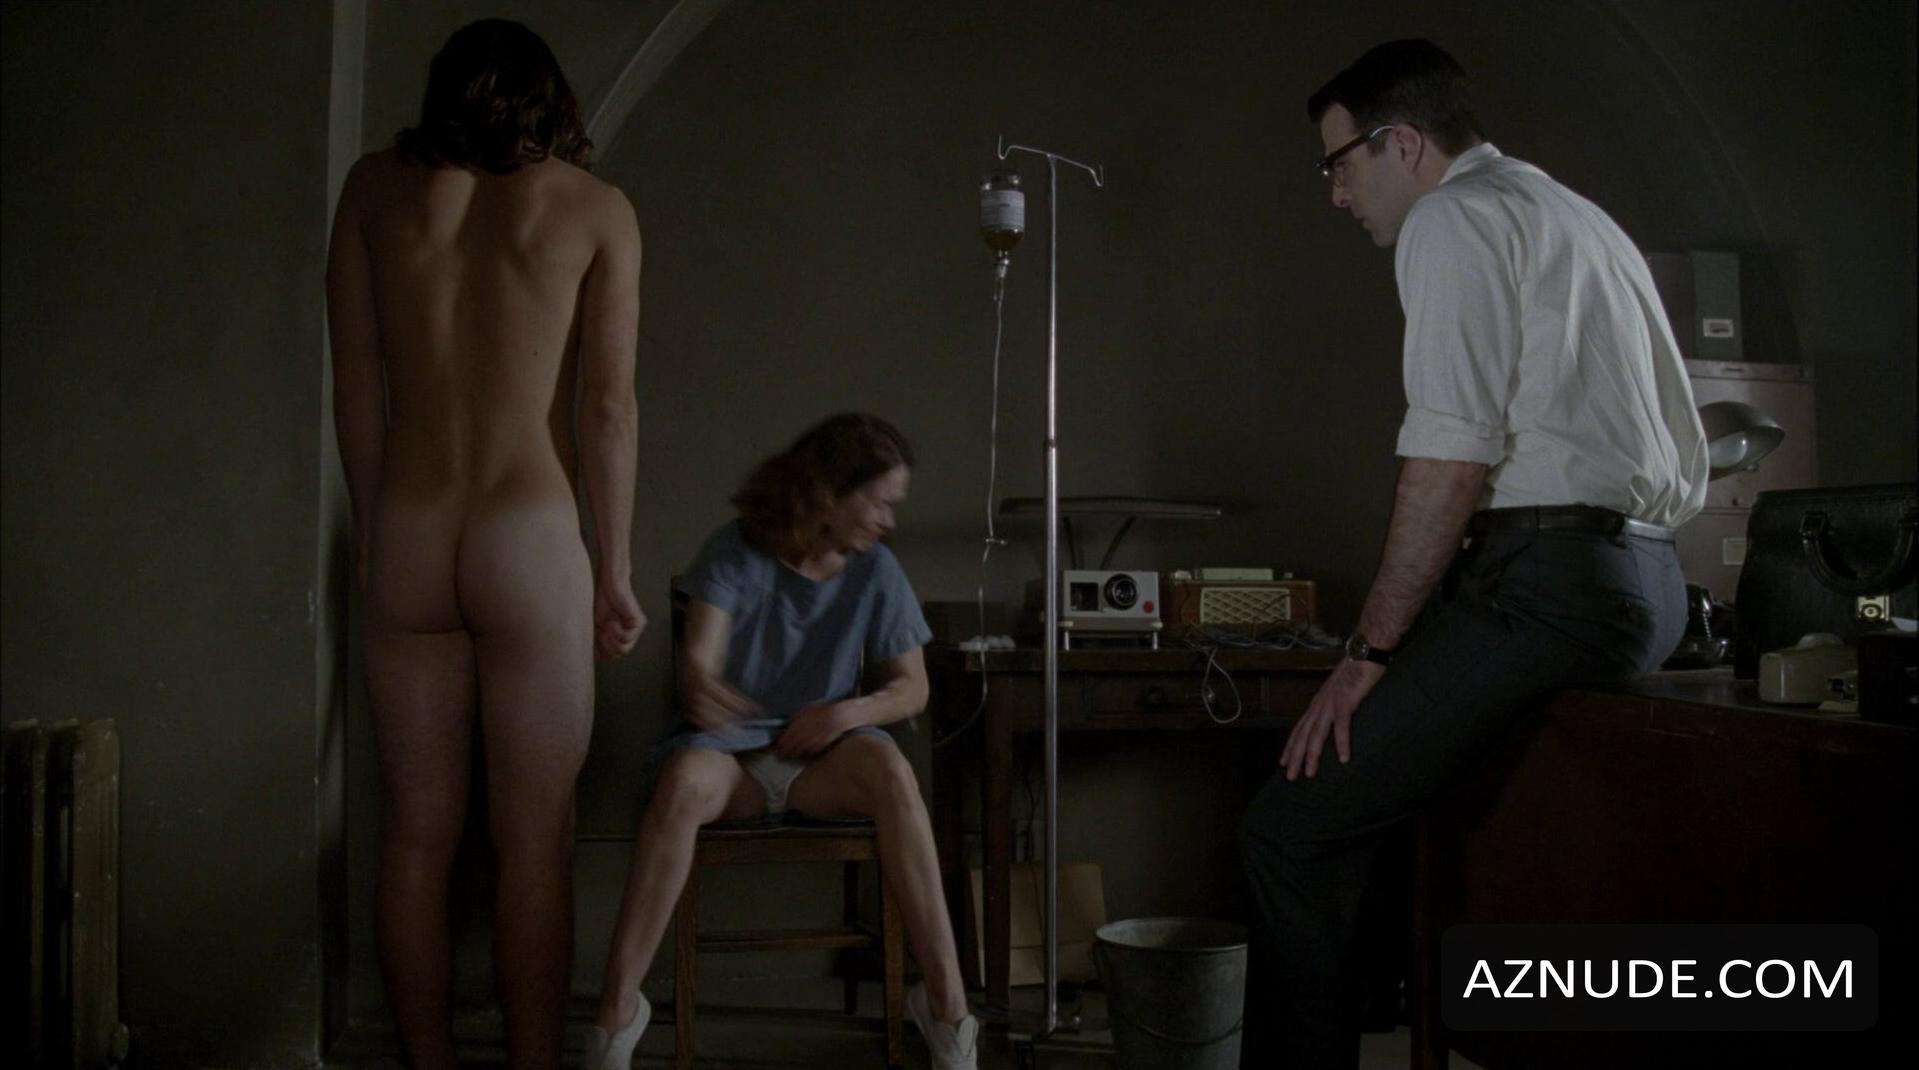 sarah paulsons nude ass